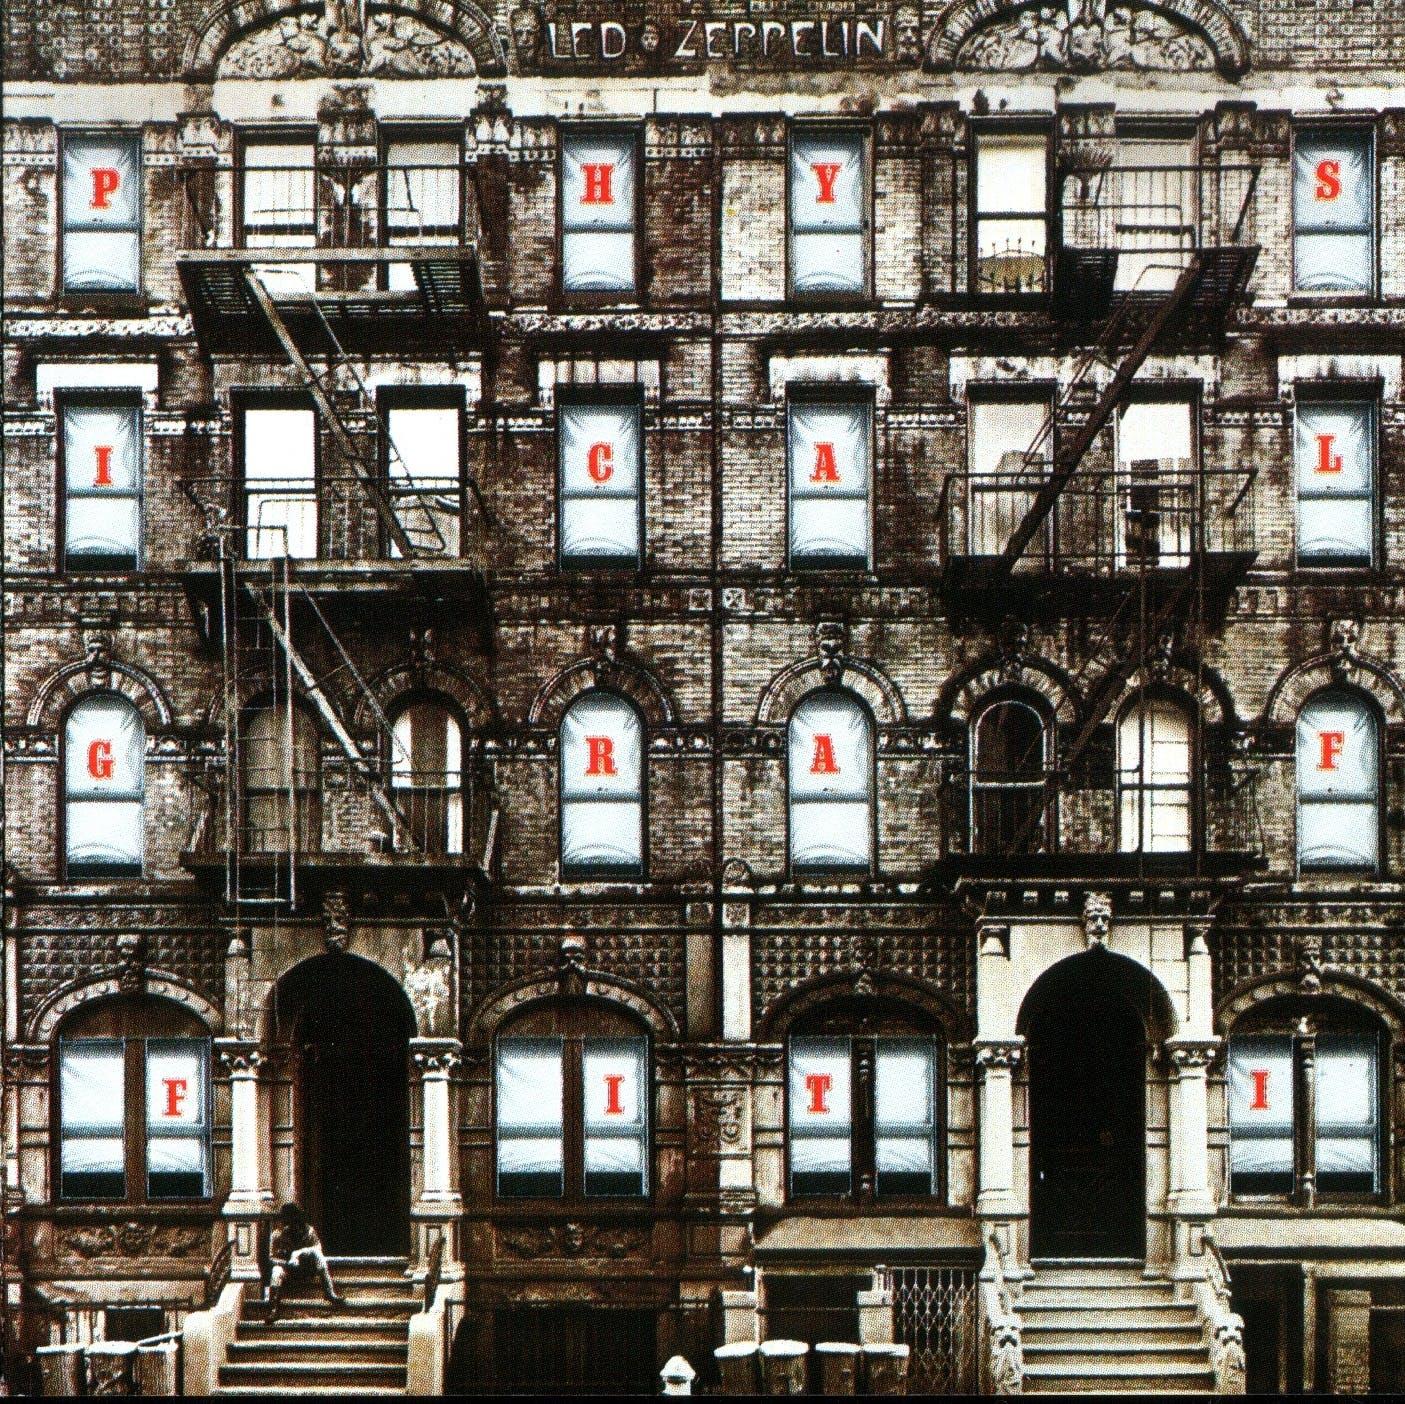 Led Zeppelin, Physical Graffiti